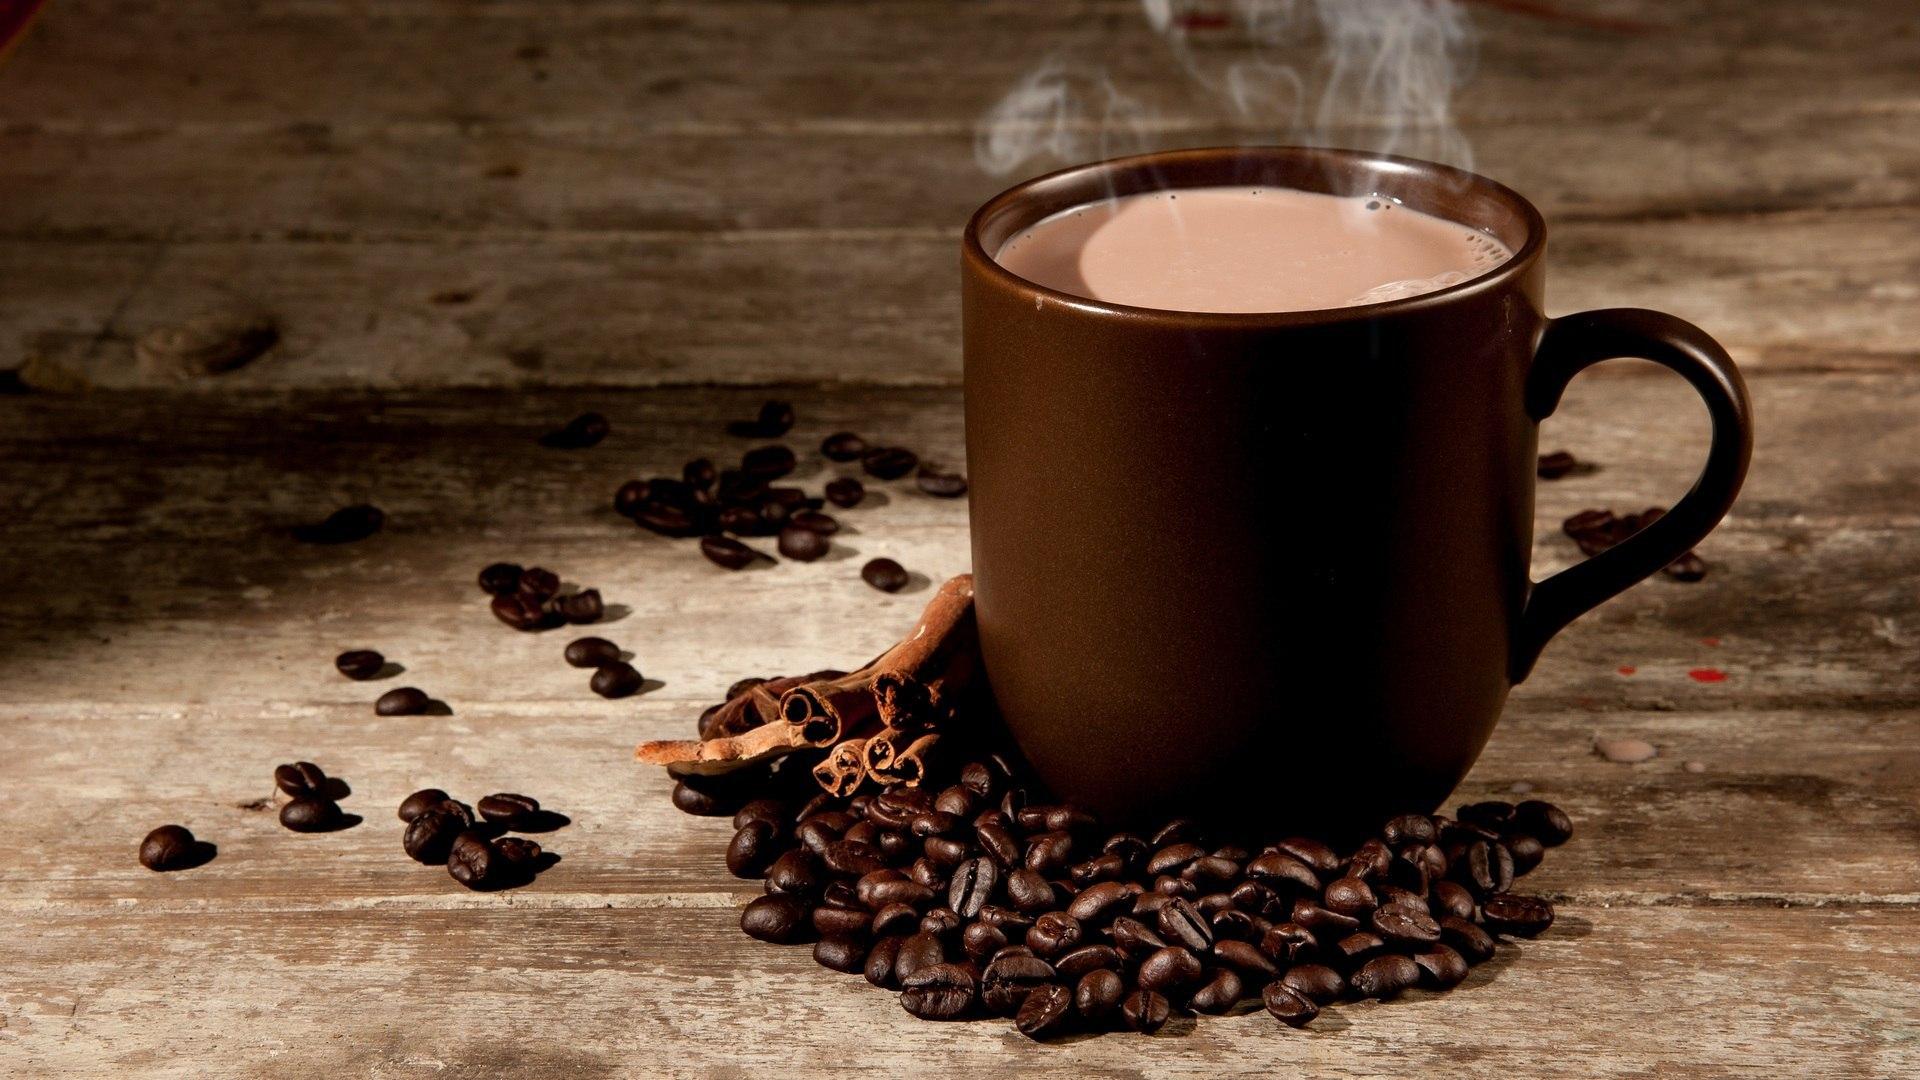 Картинки по запросу кофе с ванилью